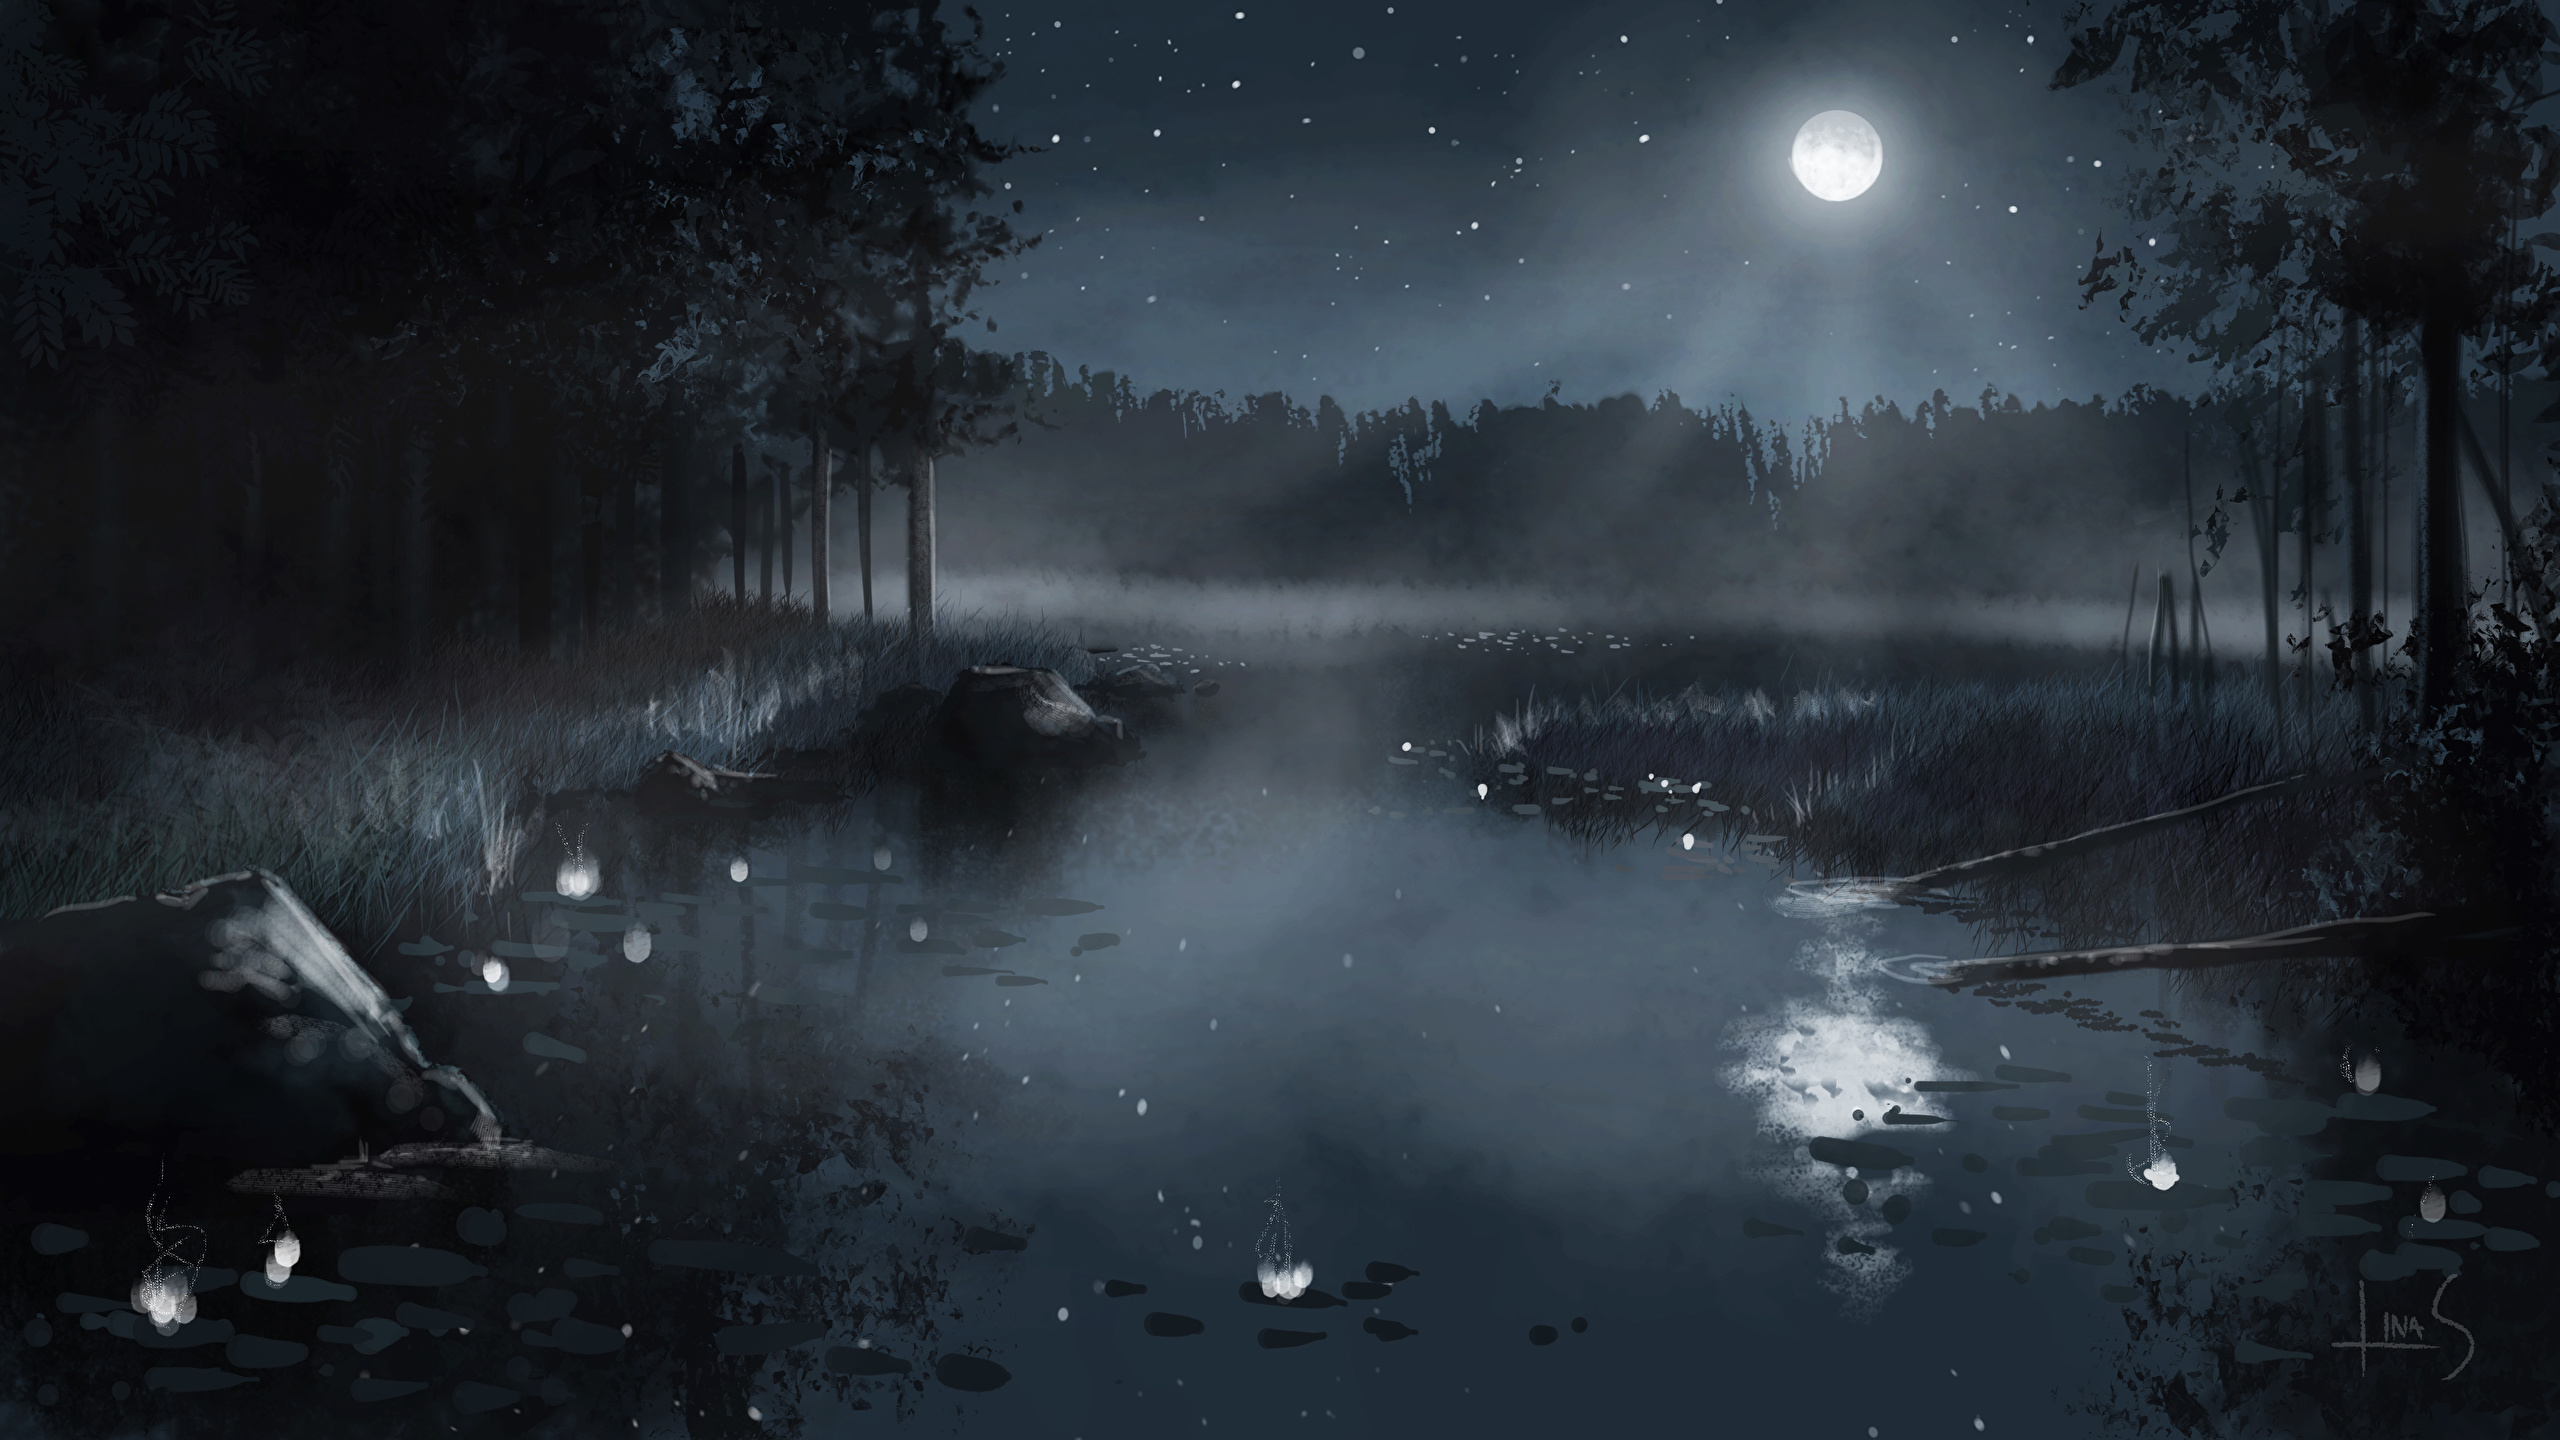 壁紙 2560x1440 池 描かれた壁紙 夜 月 自然 ダウンロード 写真